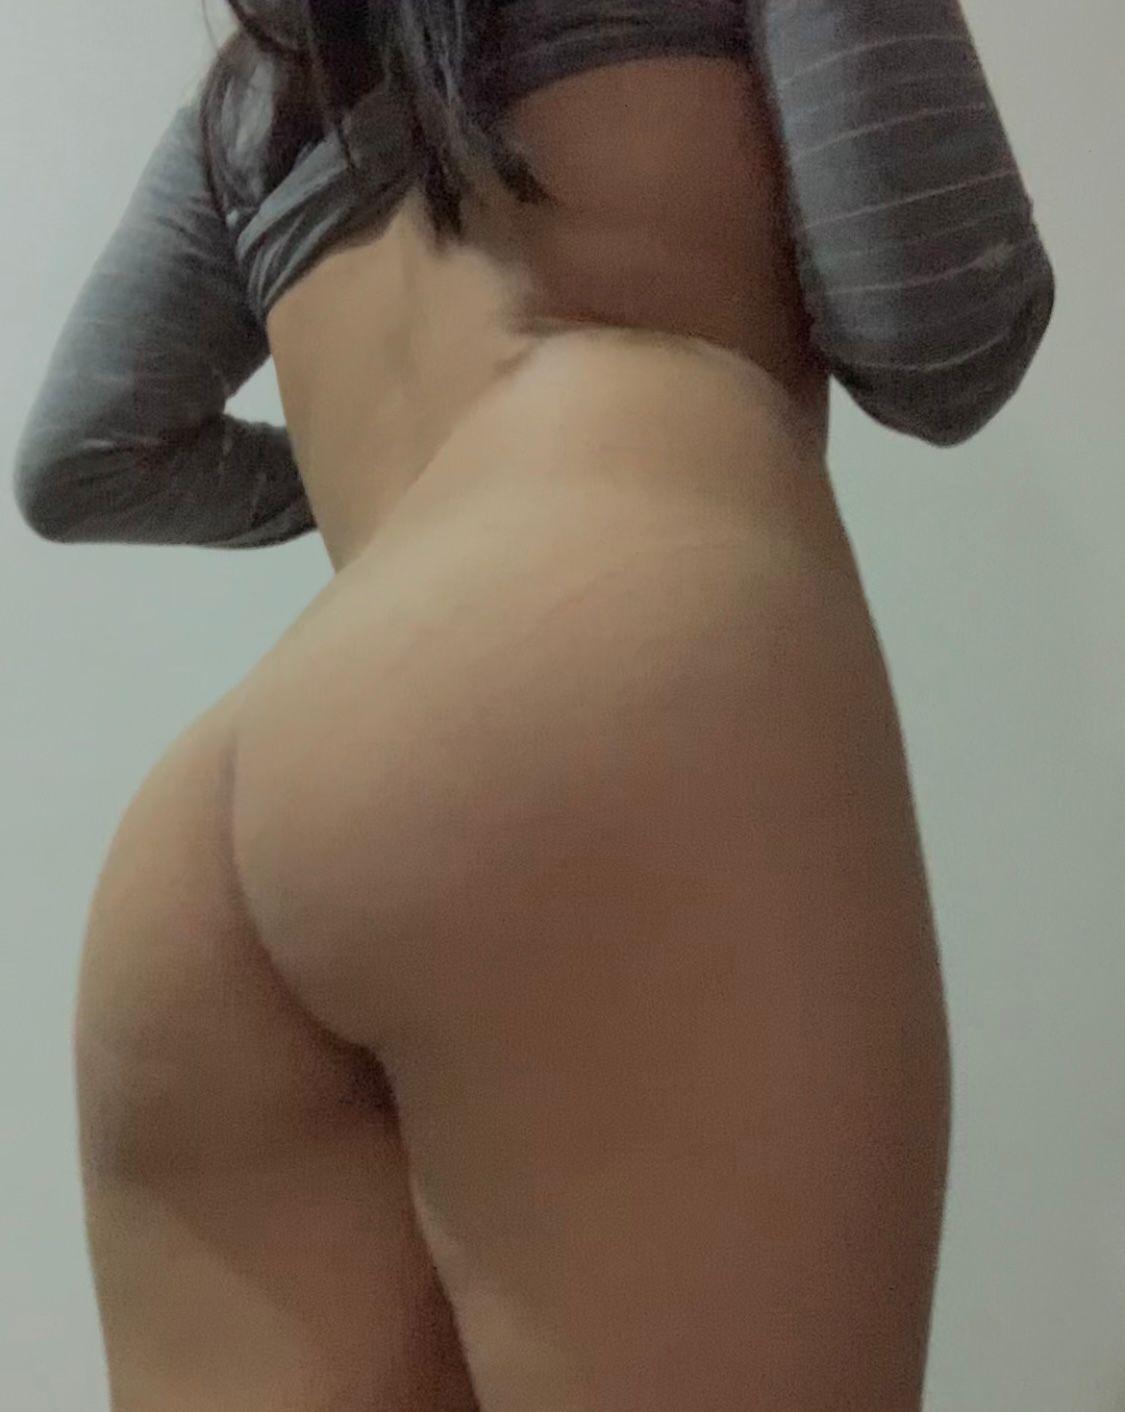 fotos xxx cerdas porno novias putas y cerdas